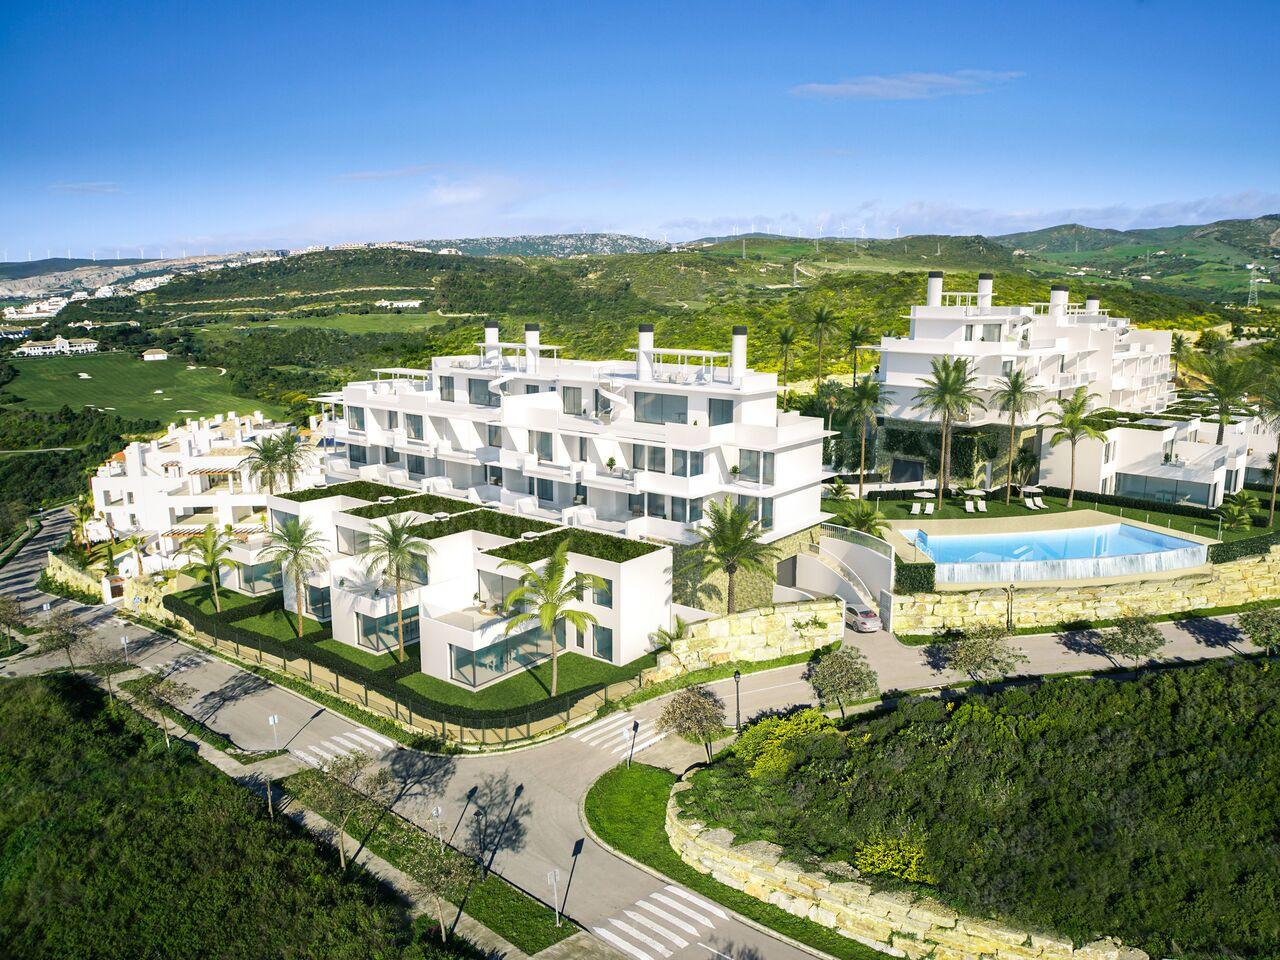 Photo Gallery Brand New Contemporary High Level Housing The Terrazas De Cortesin Seaviews Finca Cortesin